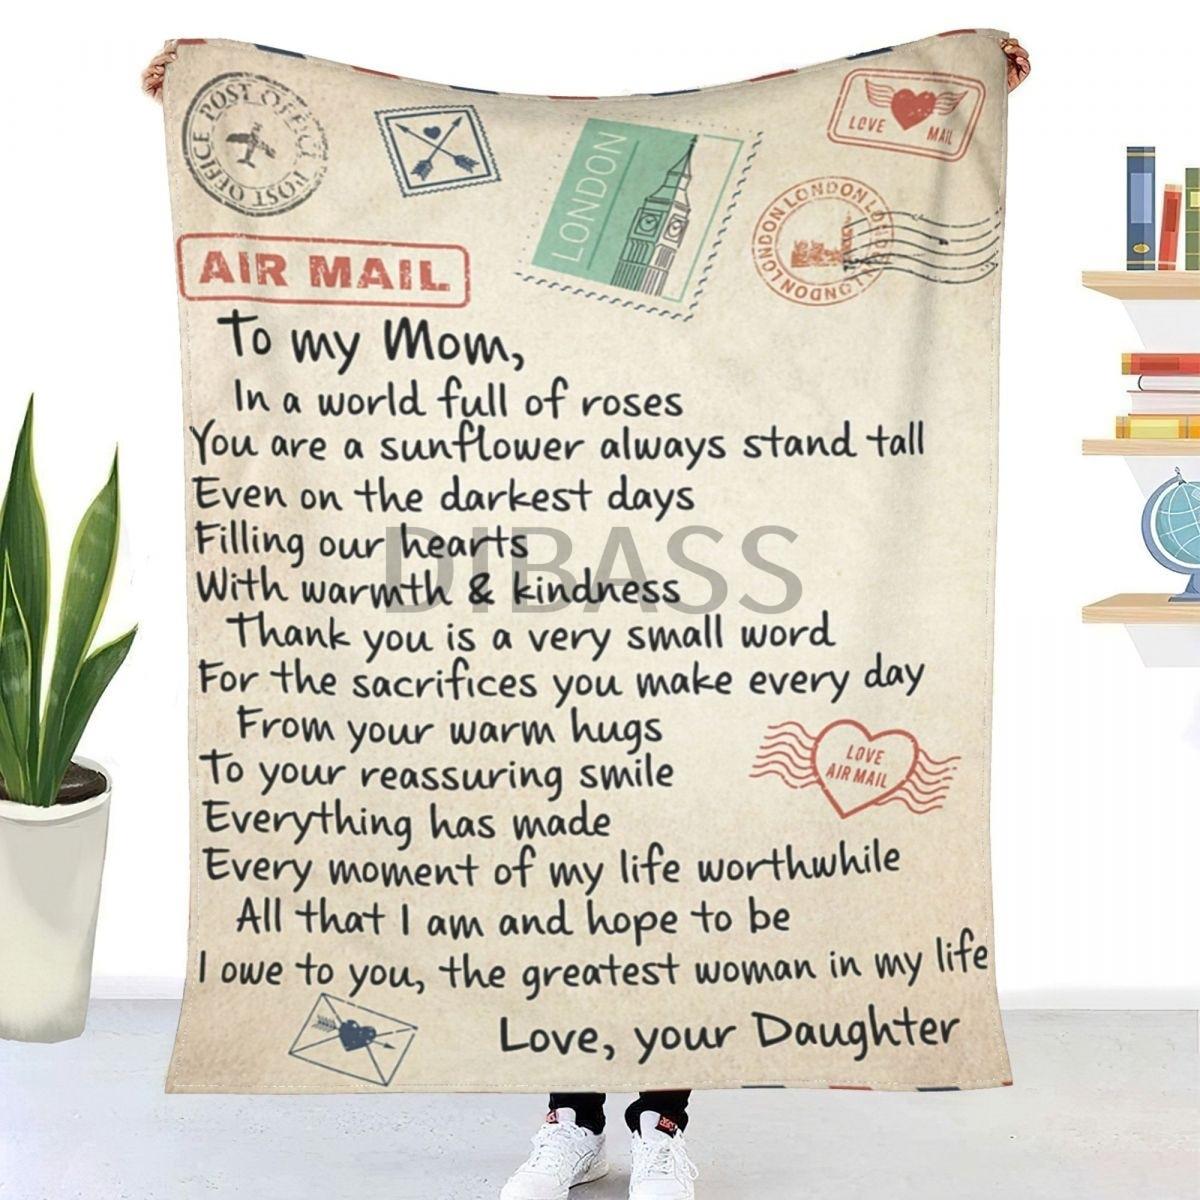 أعظم امرأة في حياتي ؛ هدية عظيمة لأمي شيربا ثلاثية الأبعاد نسيج فلانل مطبوع رمي بطانية للبطانيات الناعمة جدا ، غرفة نوم ديكو